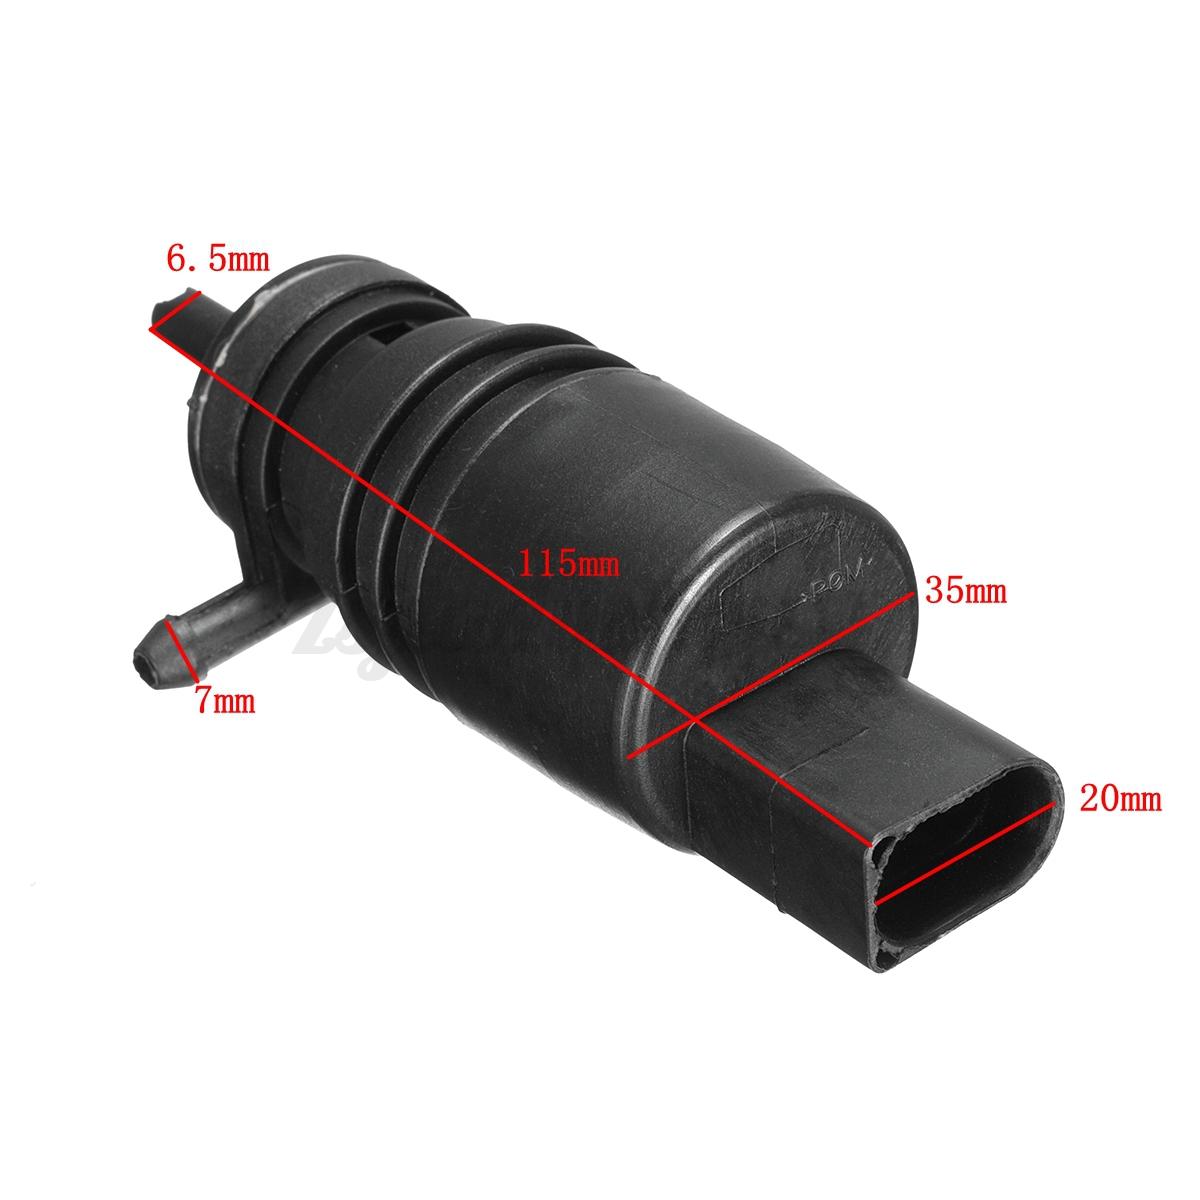 Windshield Washer Pump For Bmw E46 E38 E39 E60 E65 X3 E53